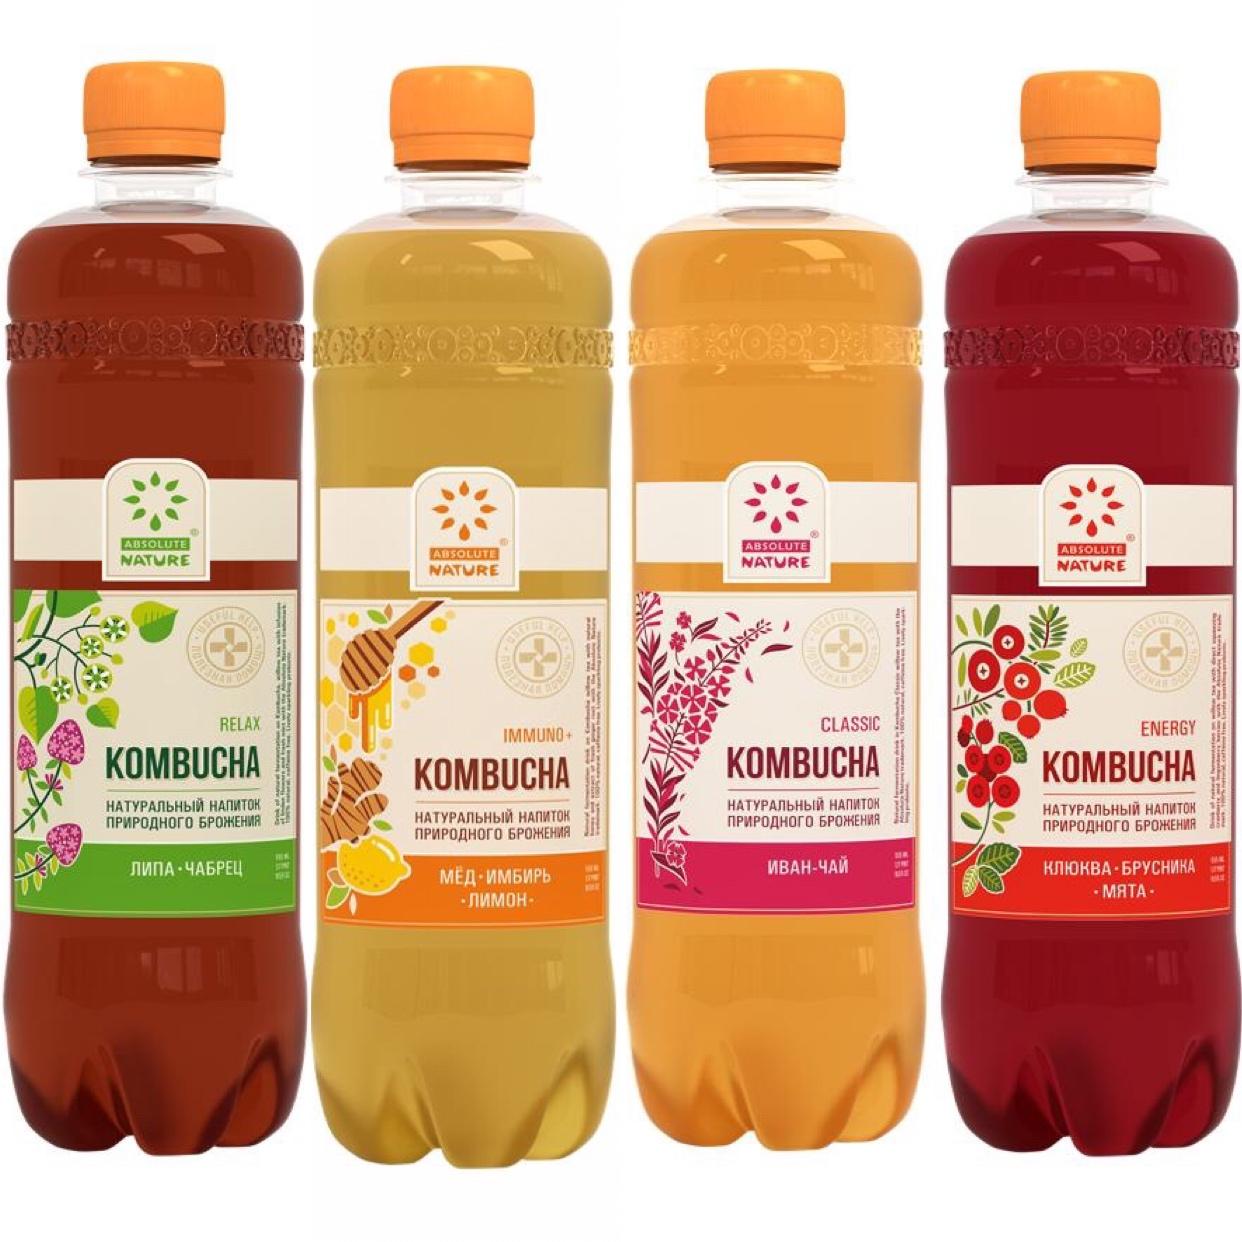 Напиток б/а натурал. брожения  kombucha 0.5л.  -классик  -энергия -инвино -релакс